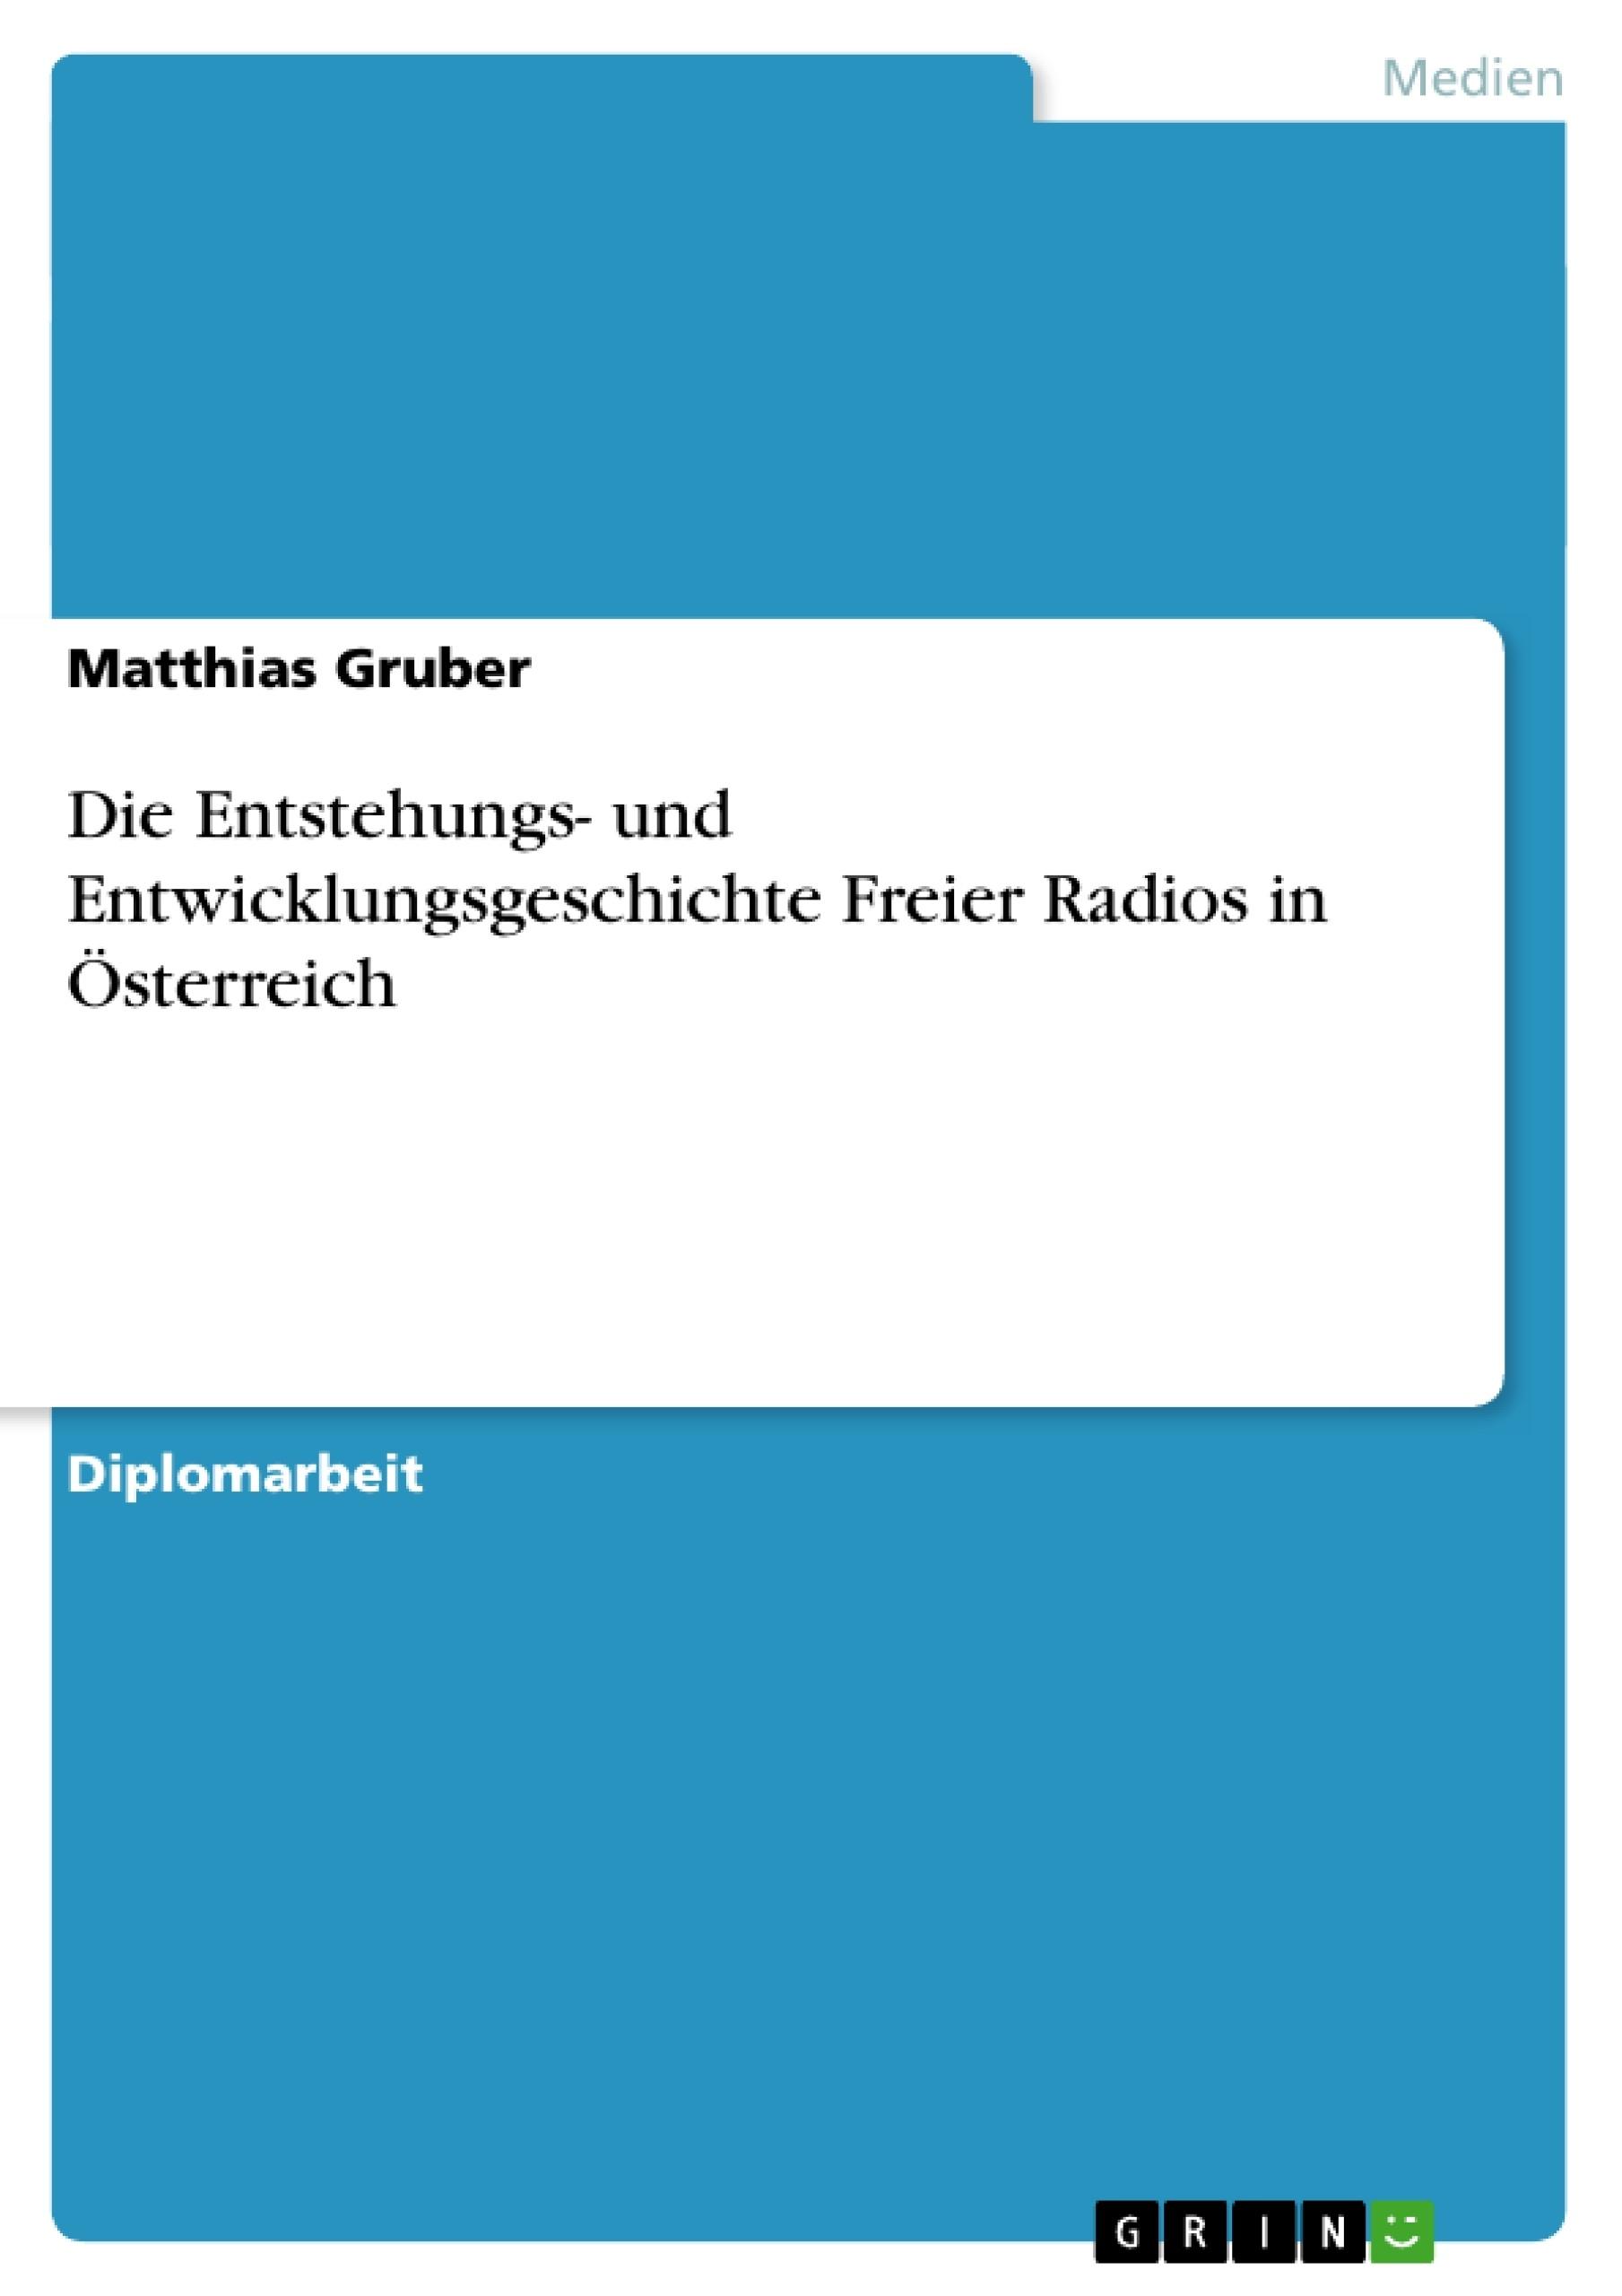 Titel: Die Entstehungs- und Entwicklungsgeschichte Freier Radios in Österreich